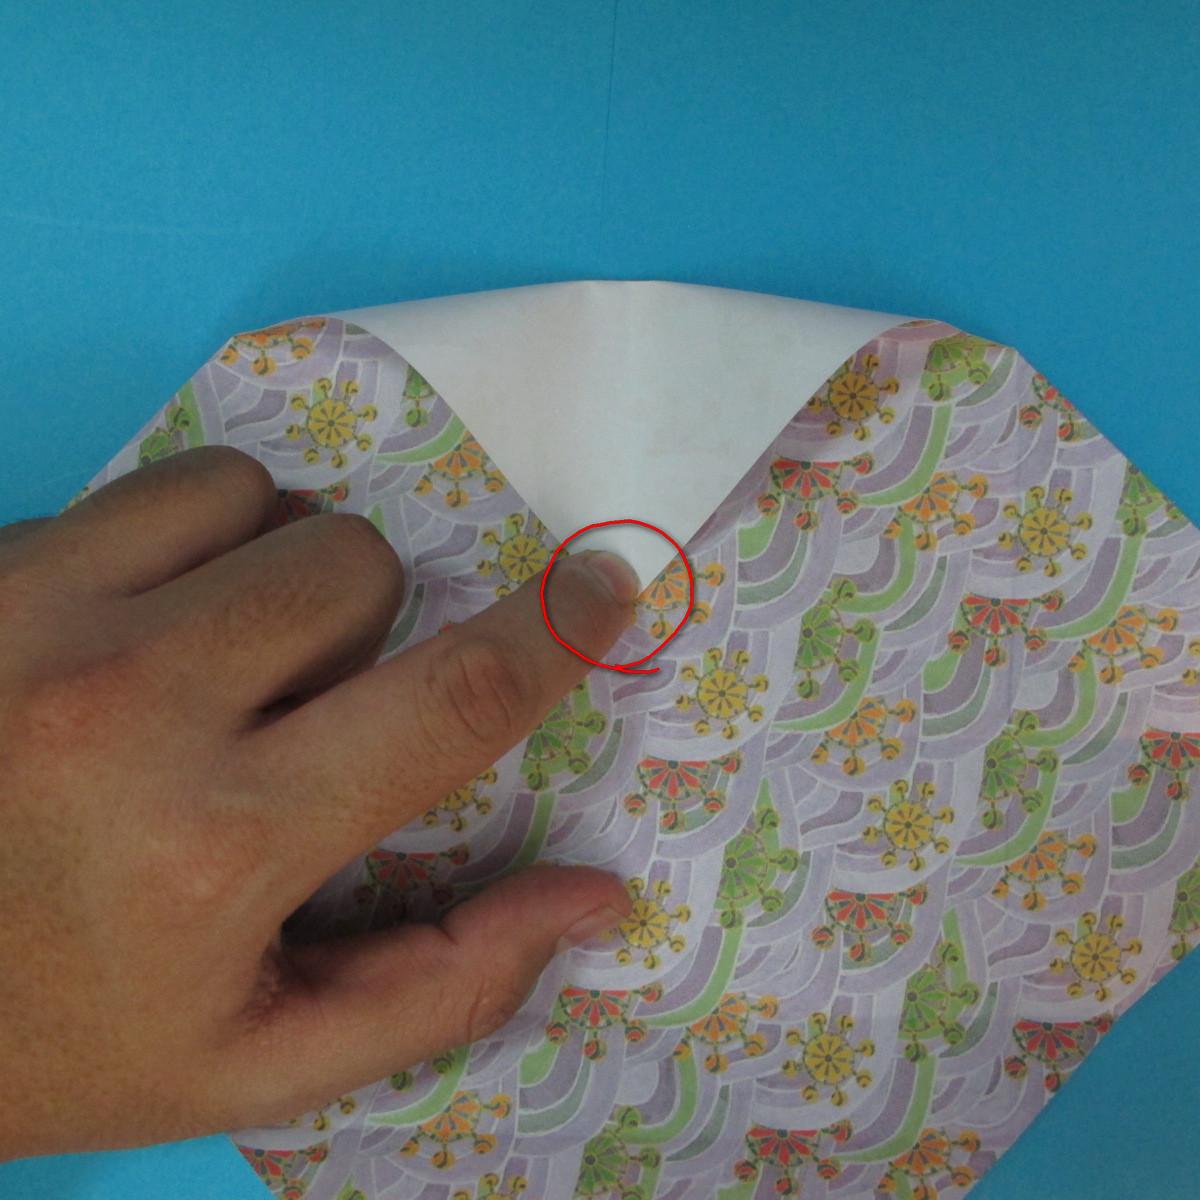 สอนวิธีพับกระดาษเป็นช้าง (แบบของ Fumiaki Kawahata) 015